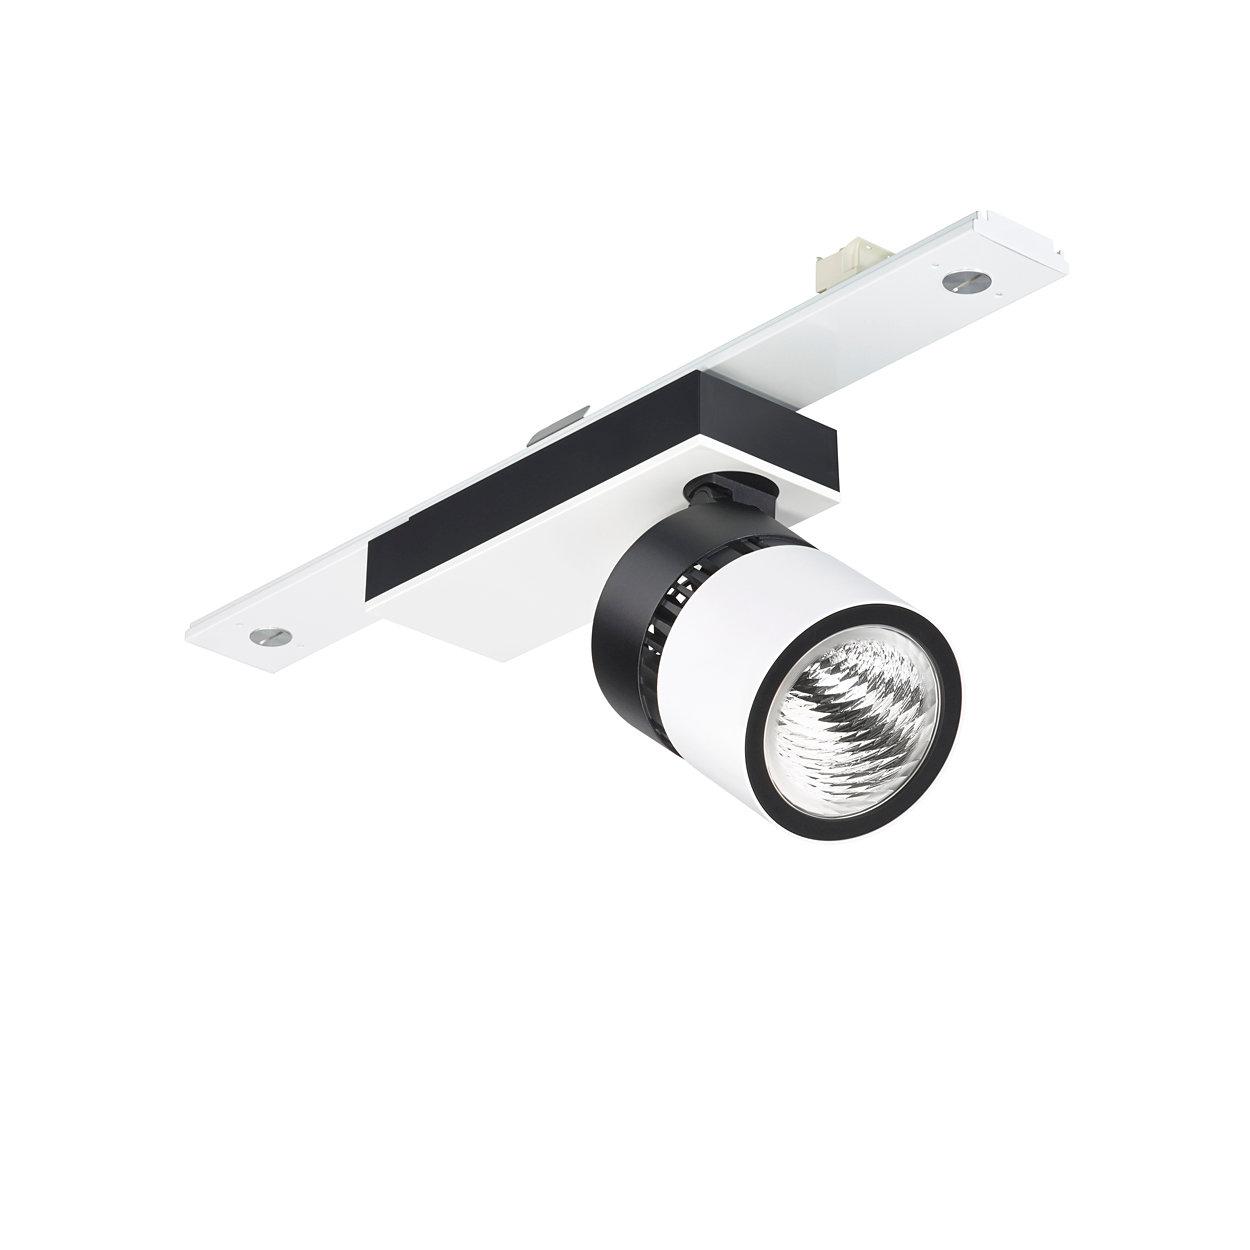 Maxos LED-Spot-Einsätze – Flexibilität und Stil